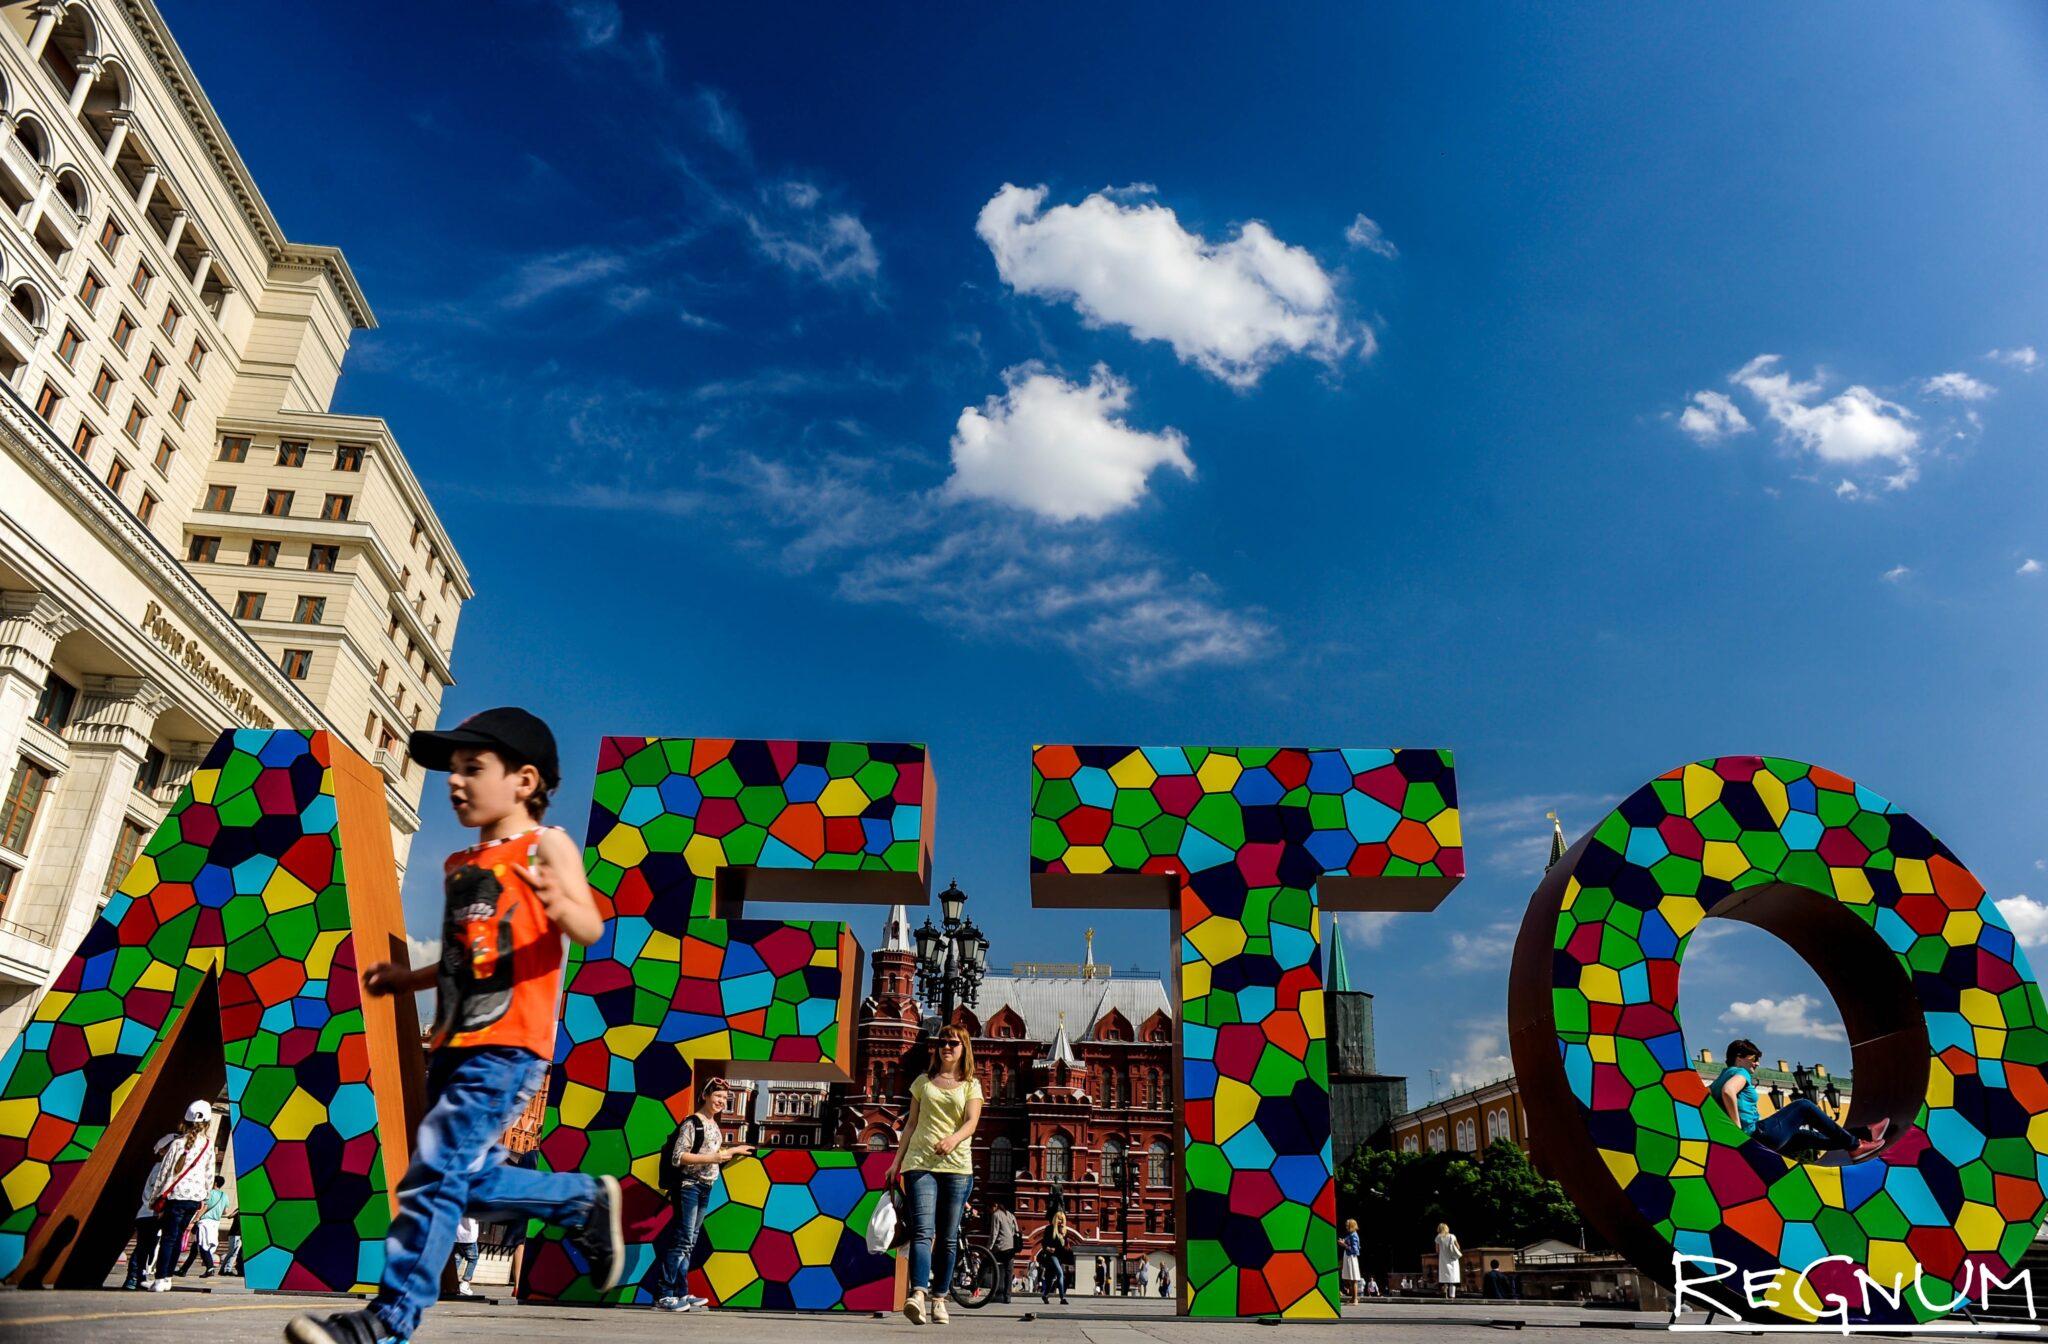 Прогноз погоды в Москве с 29 июля по 4 августа 2019: на неделю, когда будет тепло летом в 2019 году в Москве